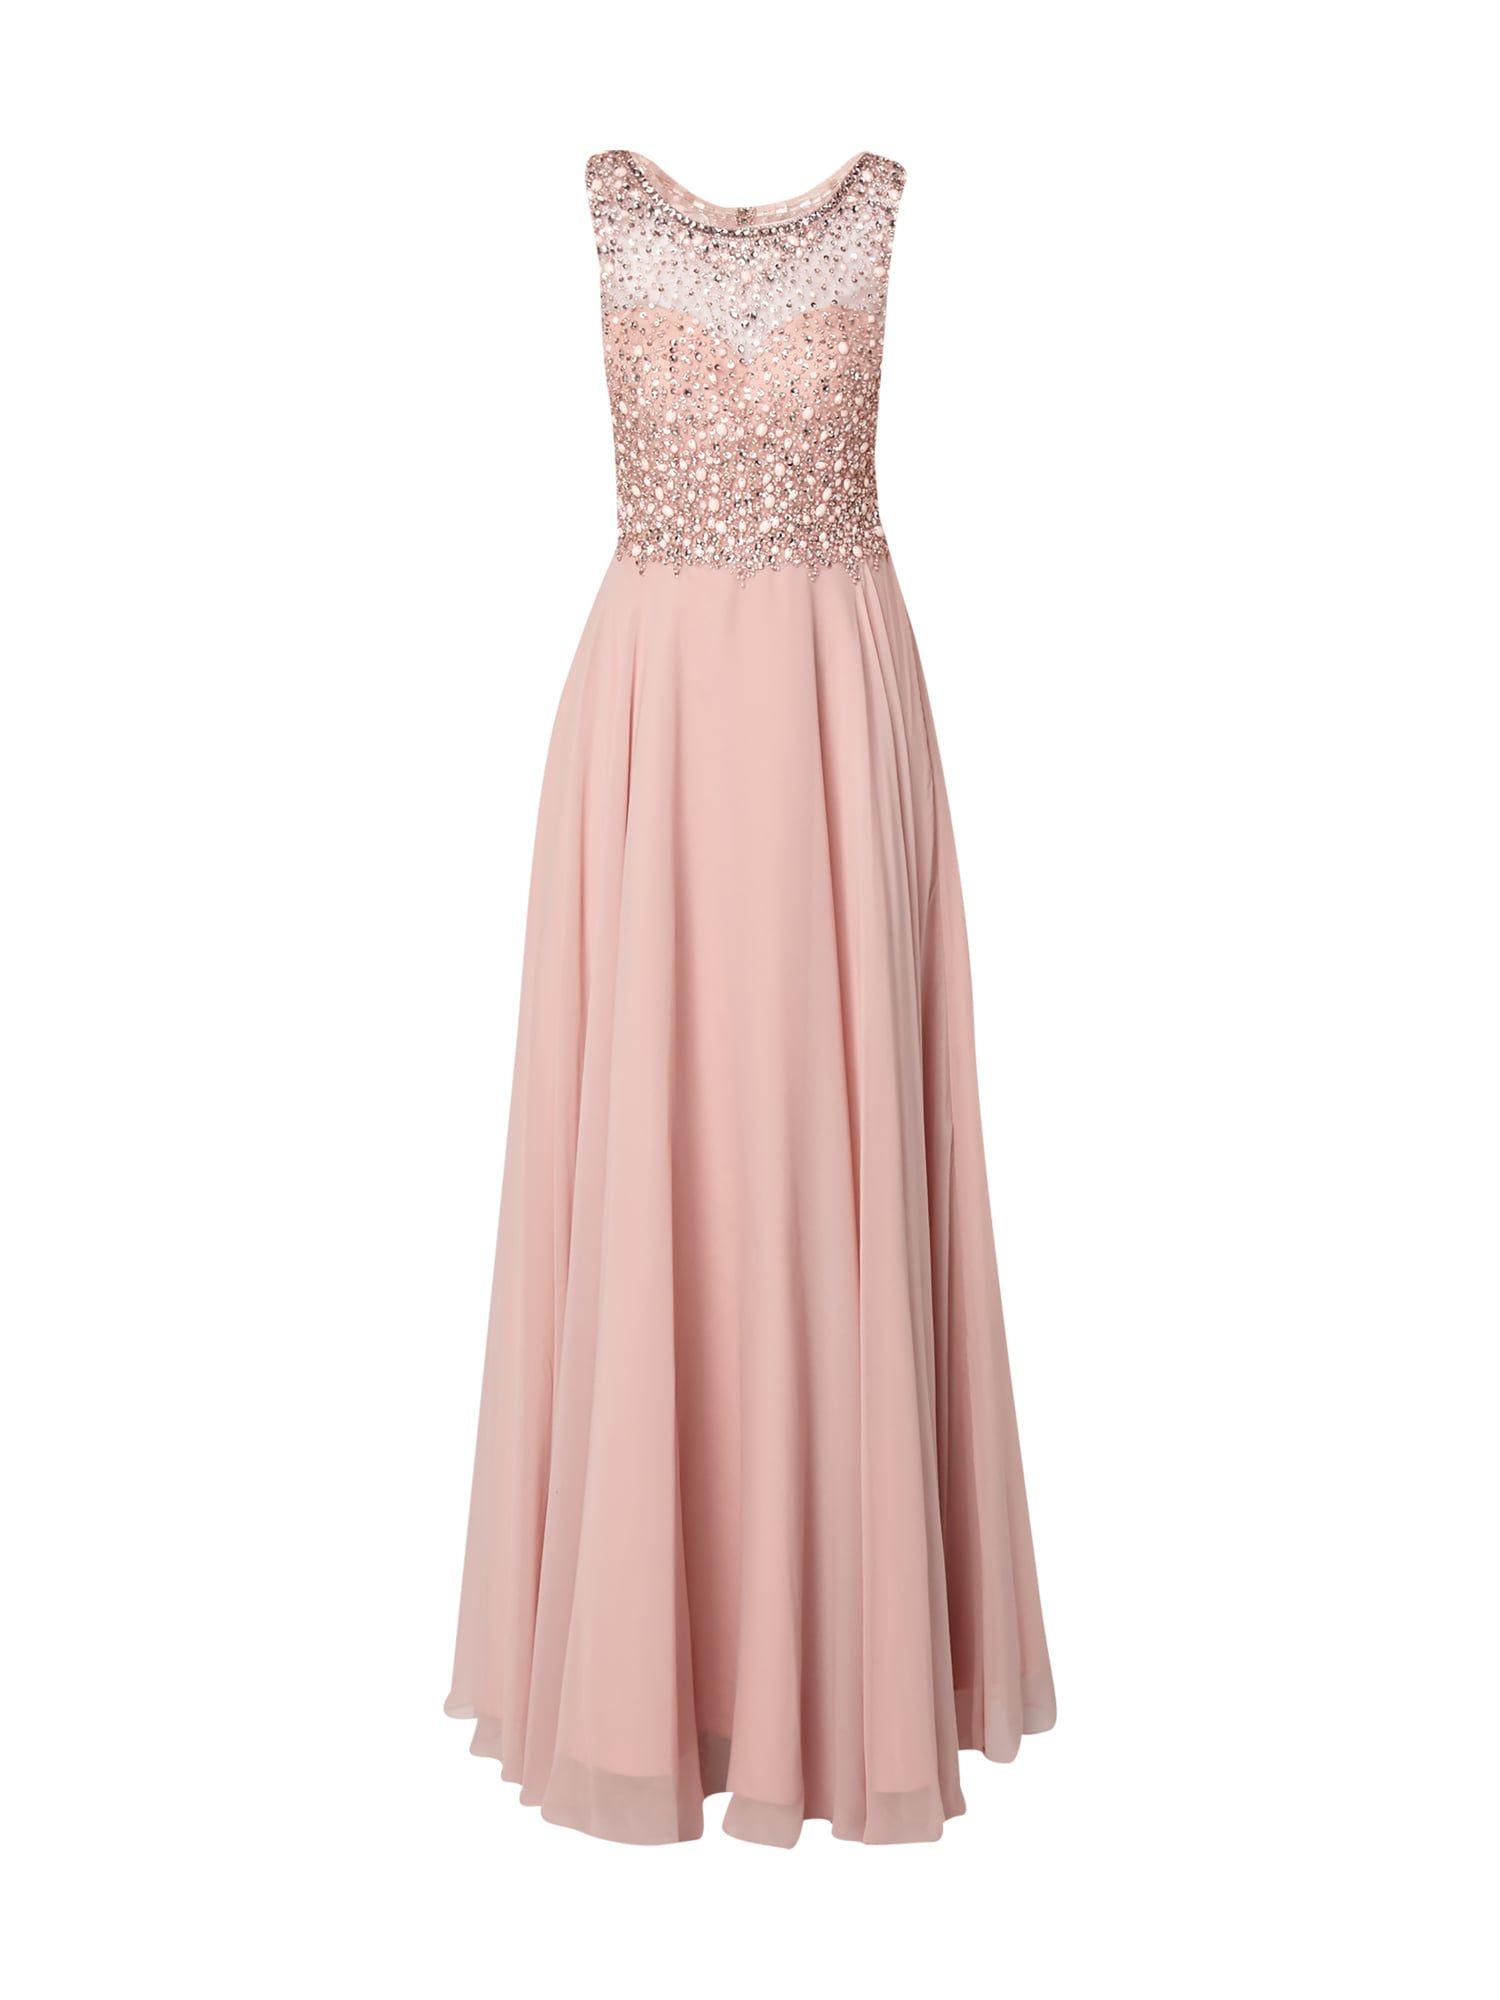 20 Wunderbar Abendkleid Kaufen Online Vertrieb15 Kreativ Abendkleid Kaufen Online Boutique